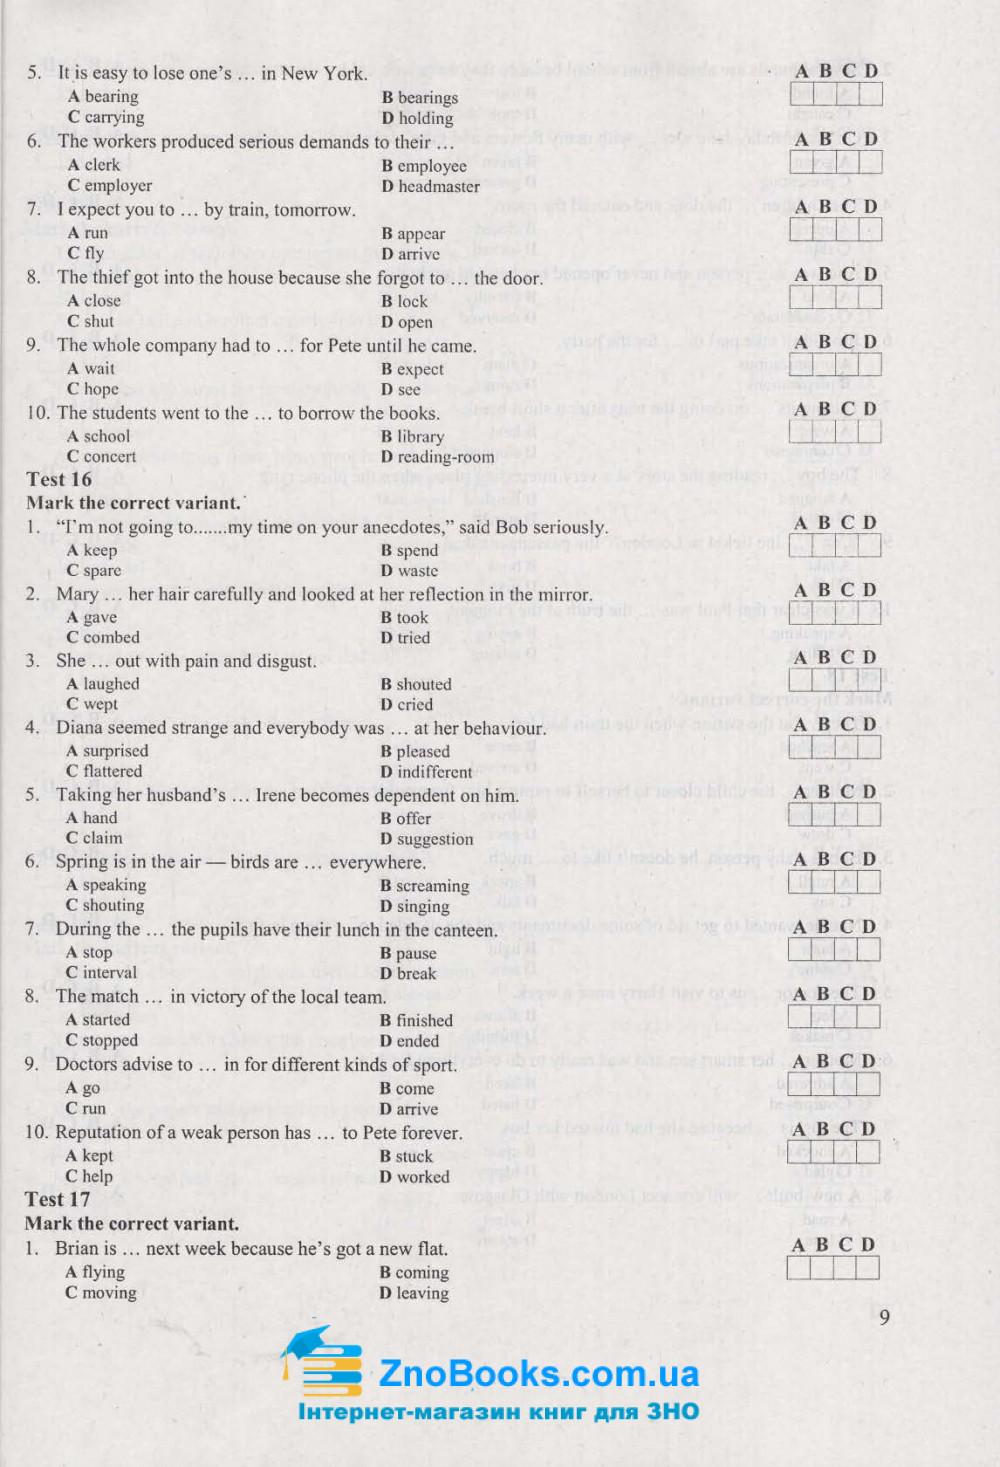 ЗНО 2021 Англійська мова. Збірник тестових завдань + мультимедійний додаток : Валігура О. Підручники і посібники. купити 9